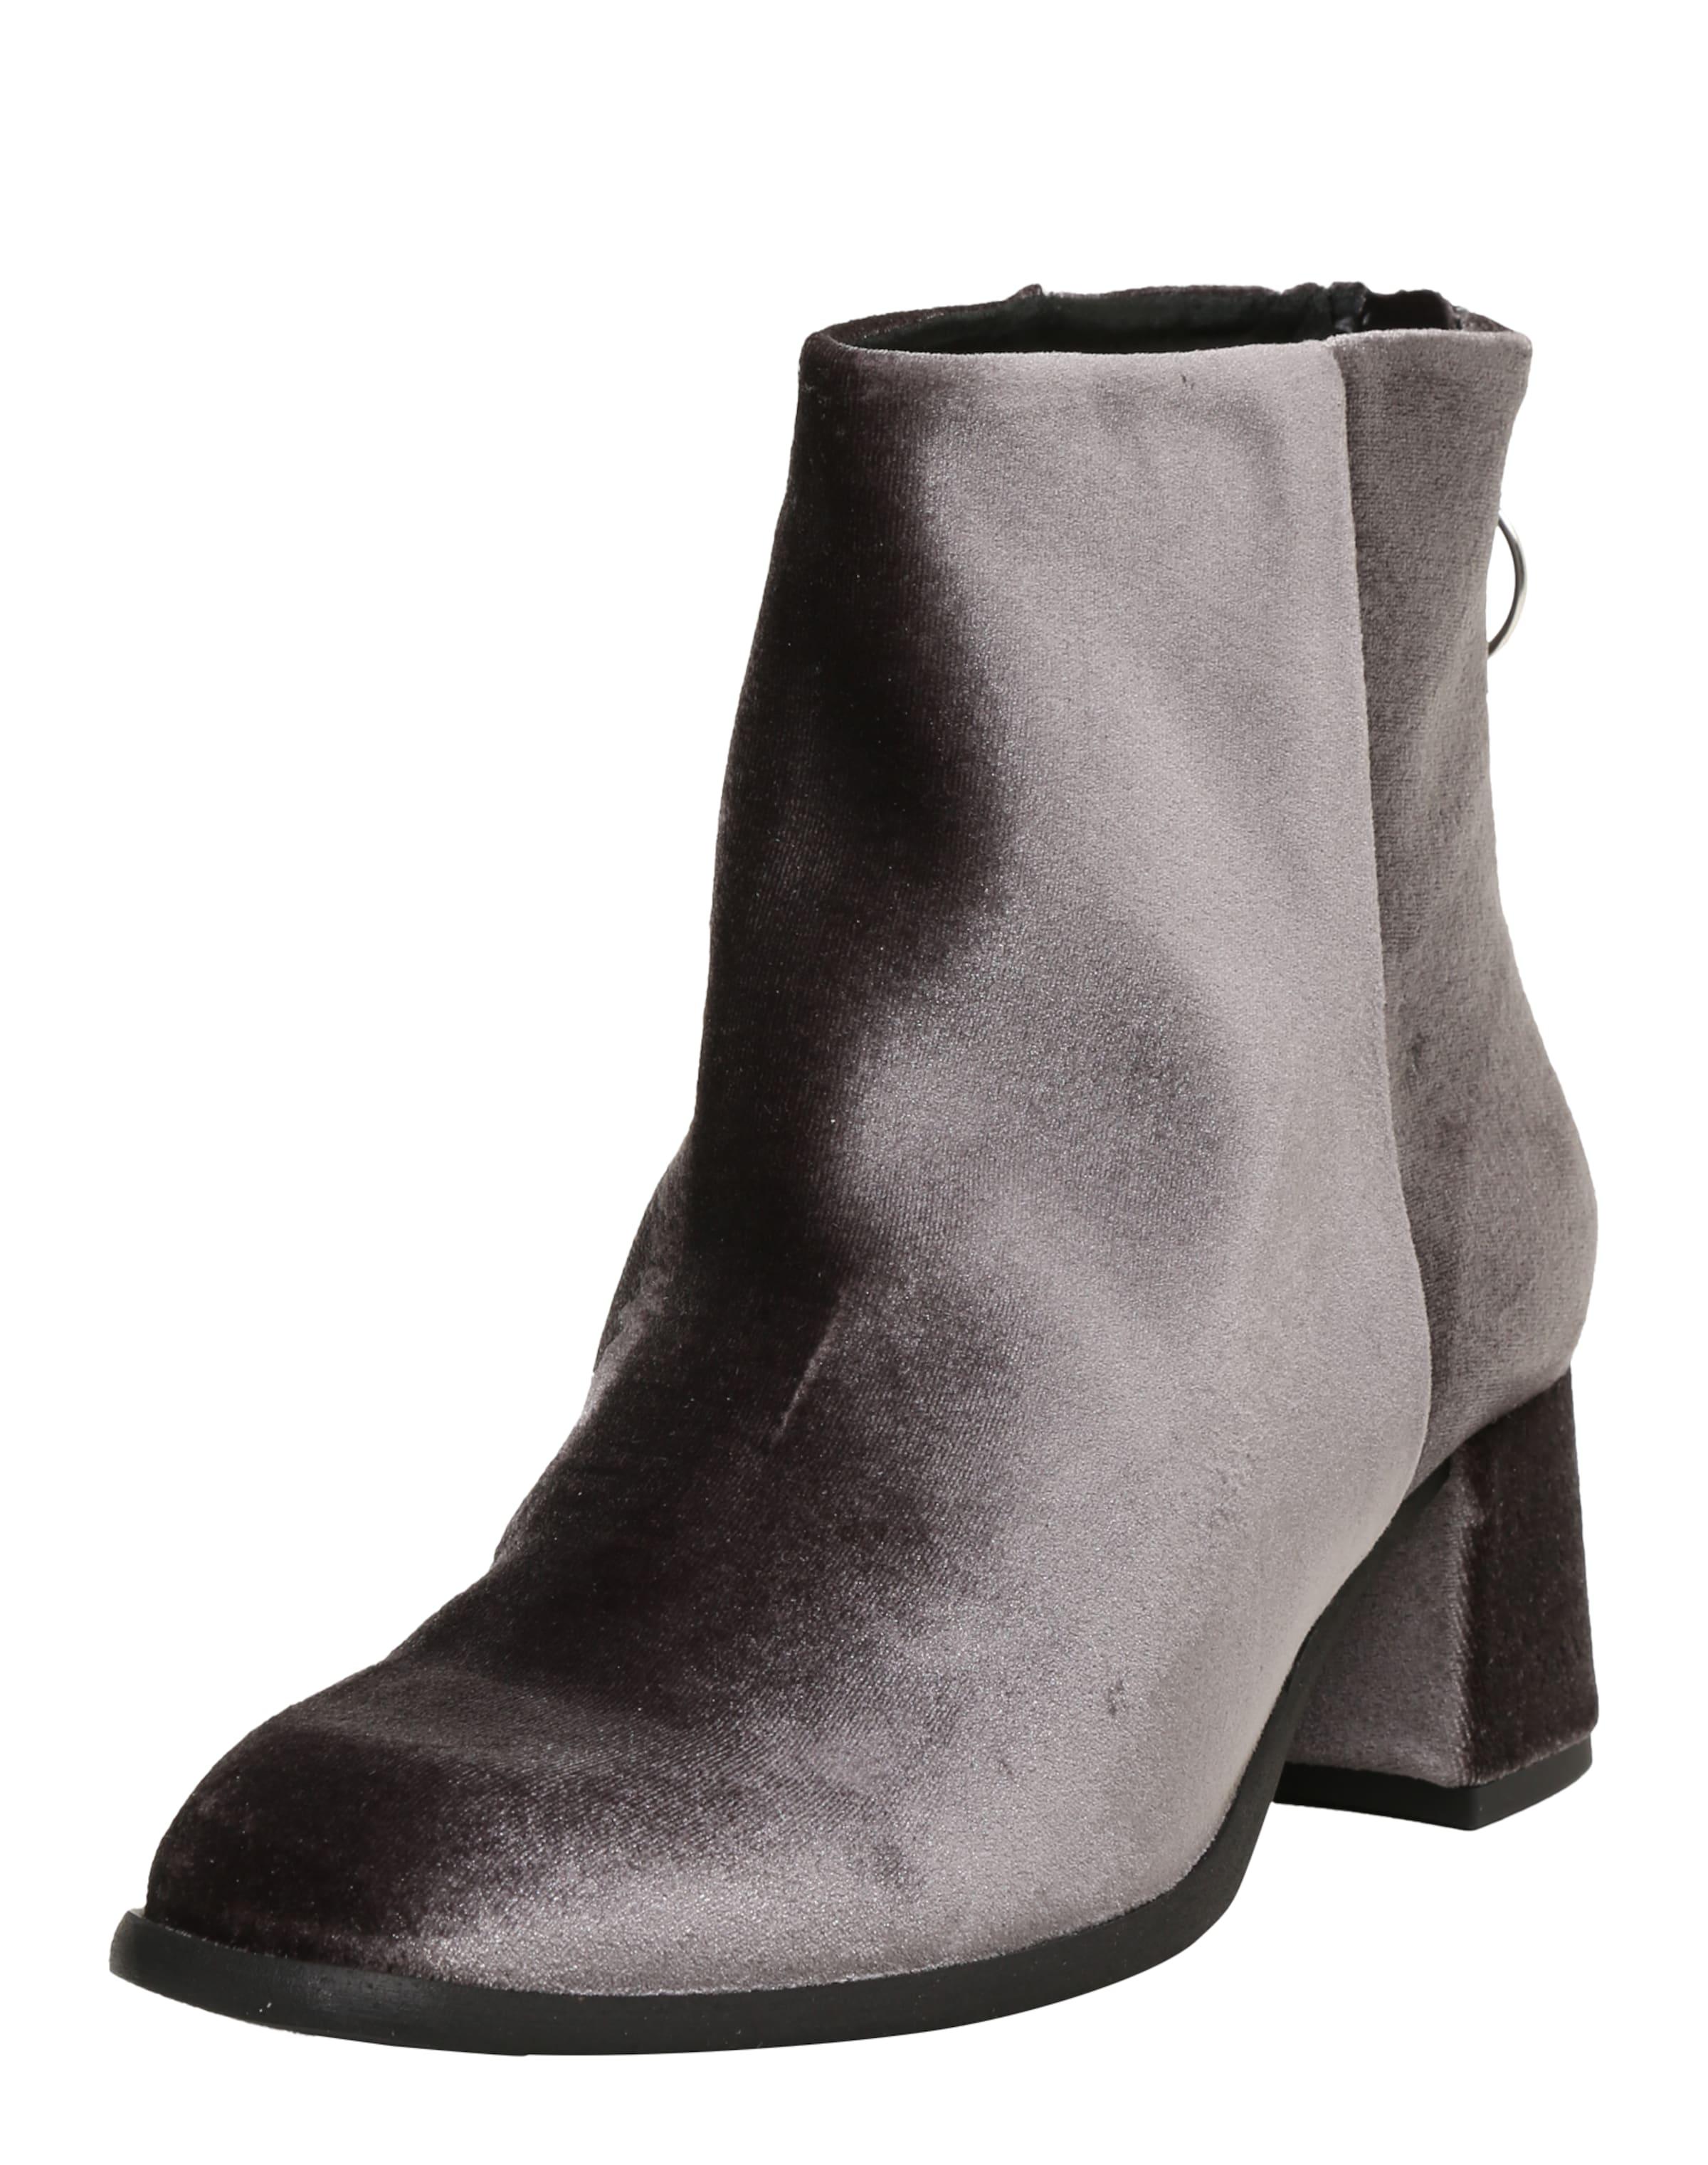 PAVEMENT Stiefelette Aura Velour Verschleißfeste billige Schuhe